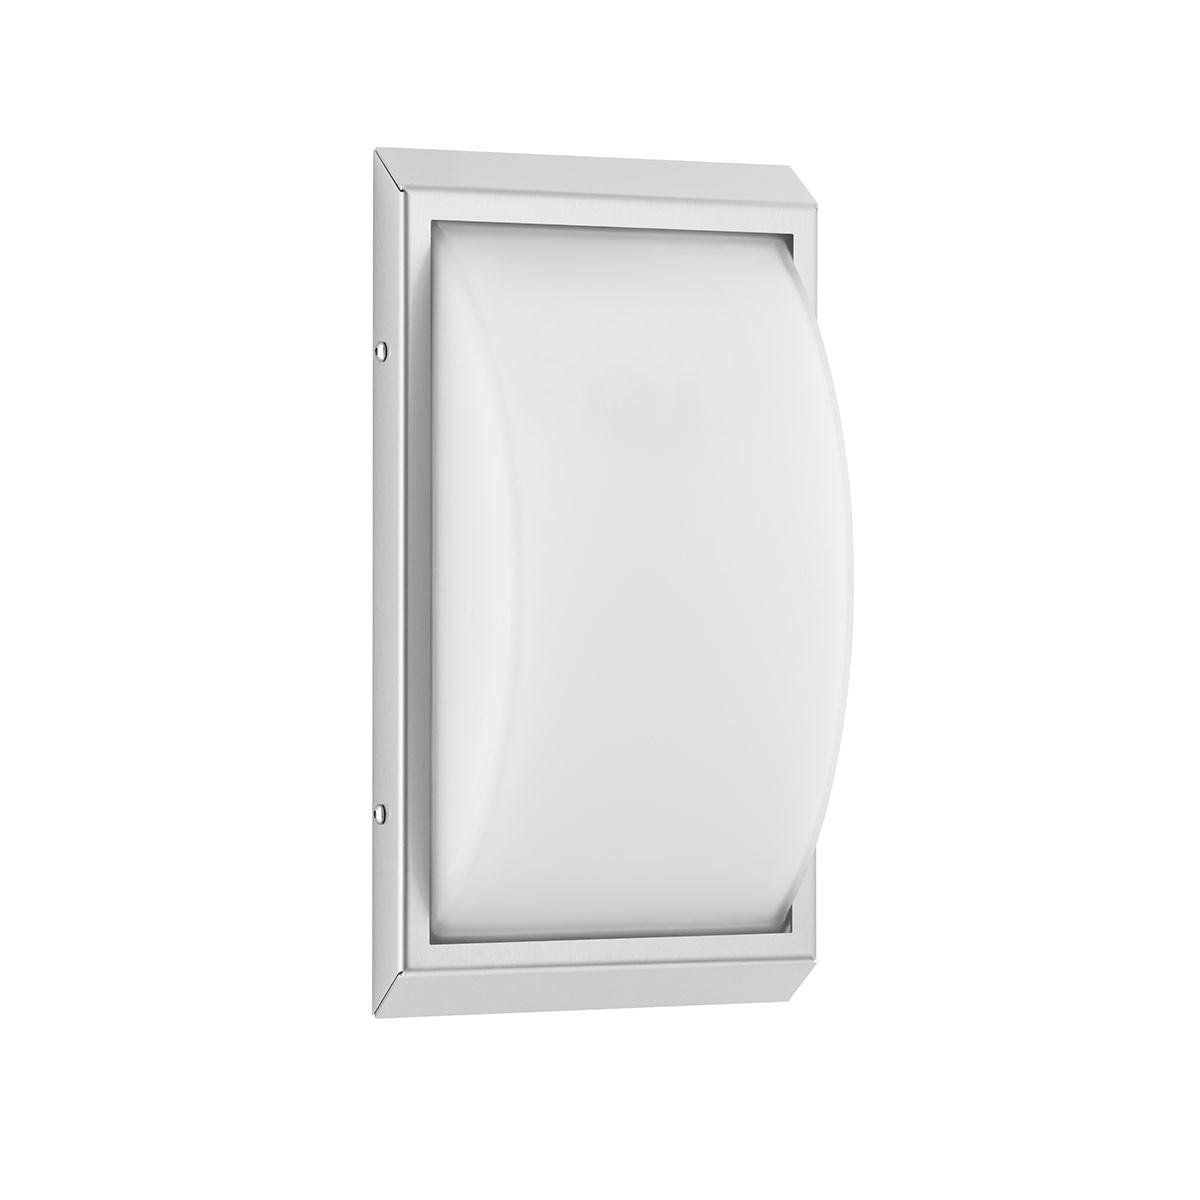 LCD Außenleuchten 052 Wandleuchte LED, Edelstahl, ohne Bewegungsmelder